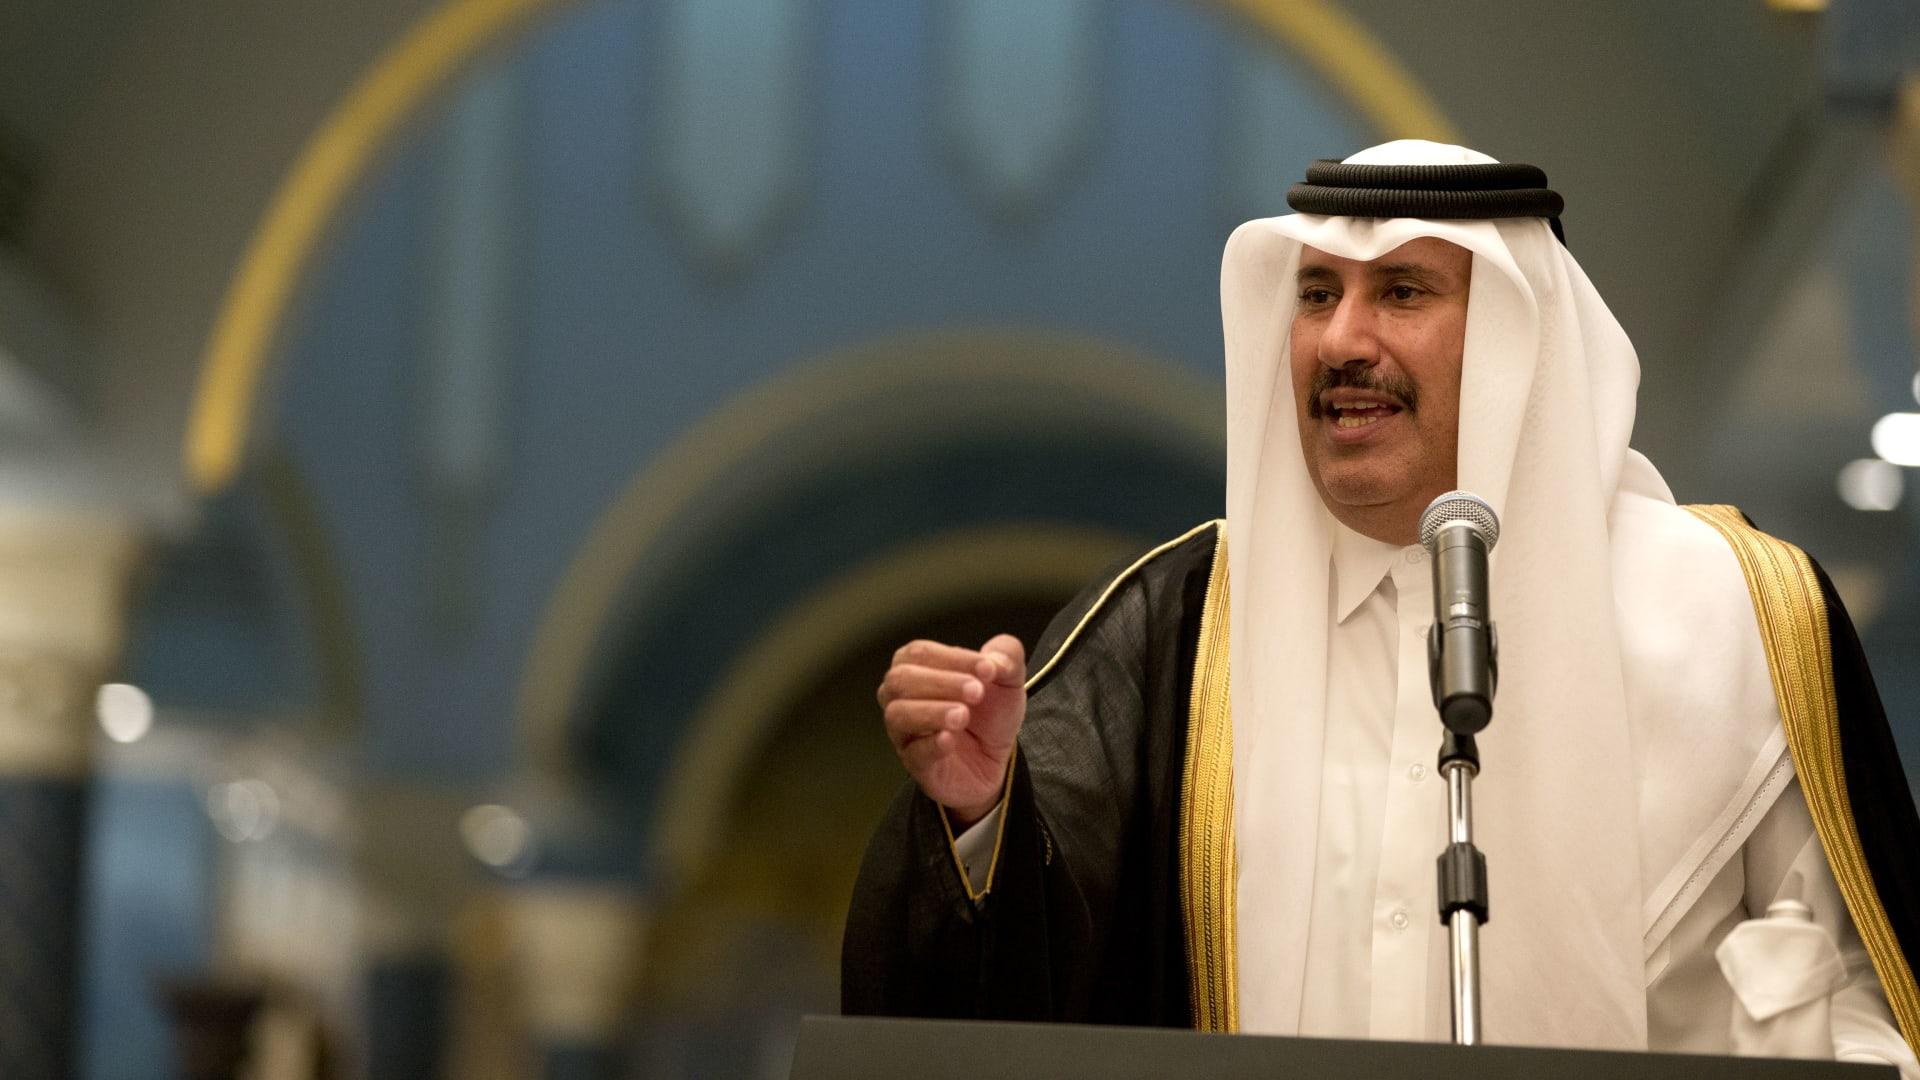 ما دوافع المصالحة الخليجية وهل لإيران تأثير على ذلك؟